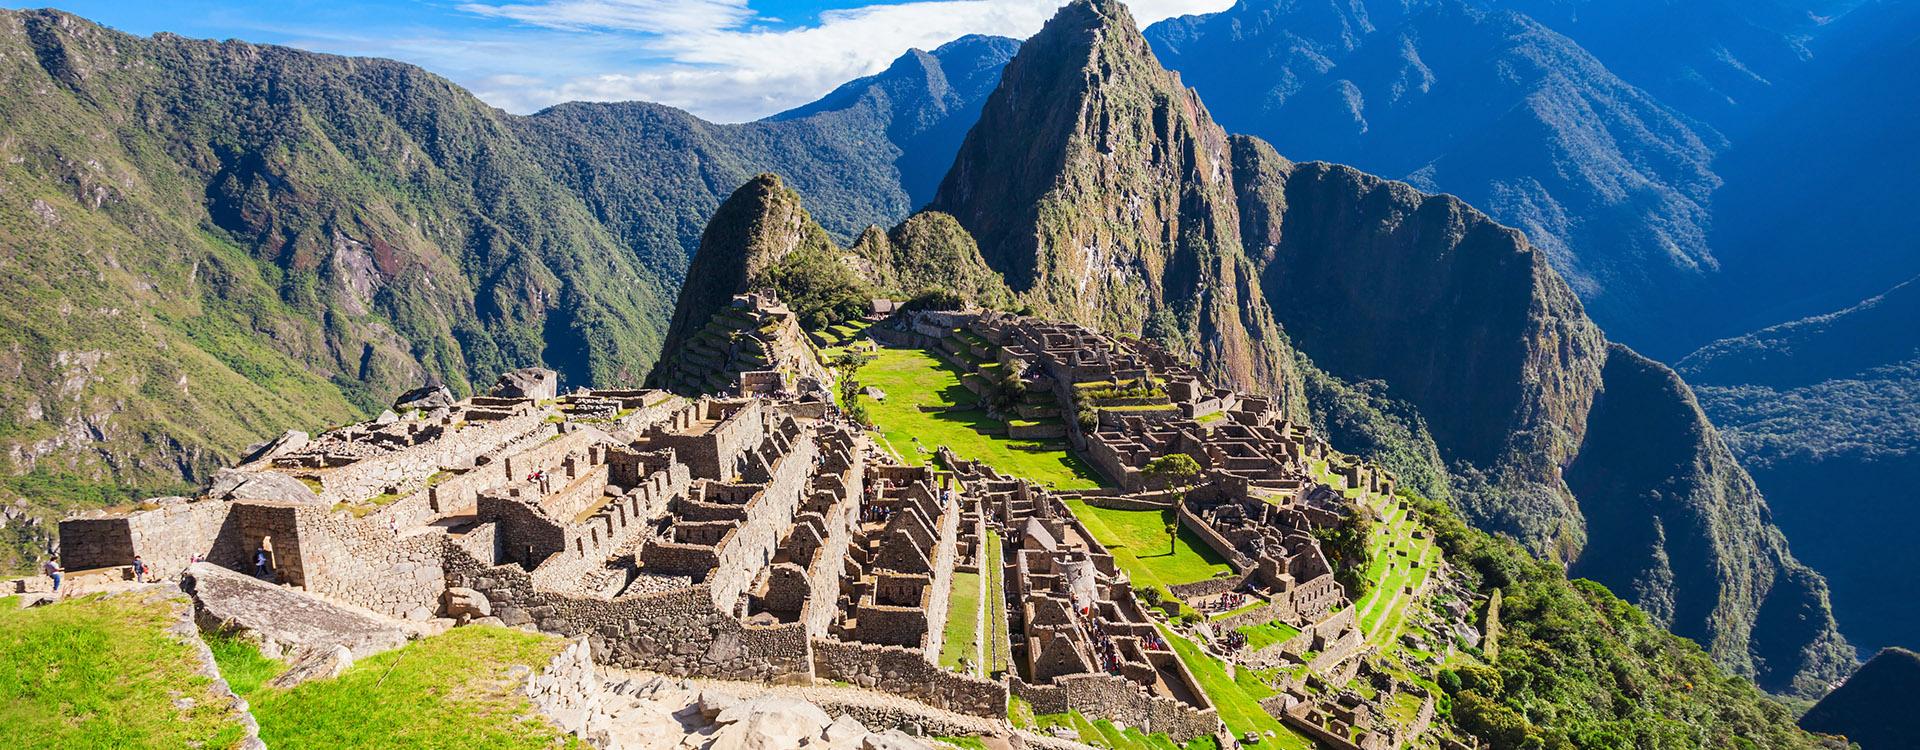 View of the Lost Incan City of Machu Picchu near Cusco, Peru. A UNESCO World Heritage Site